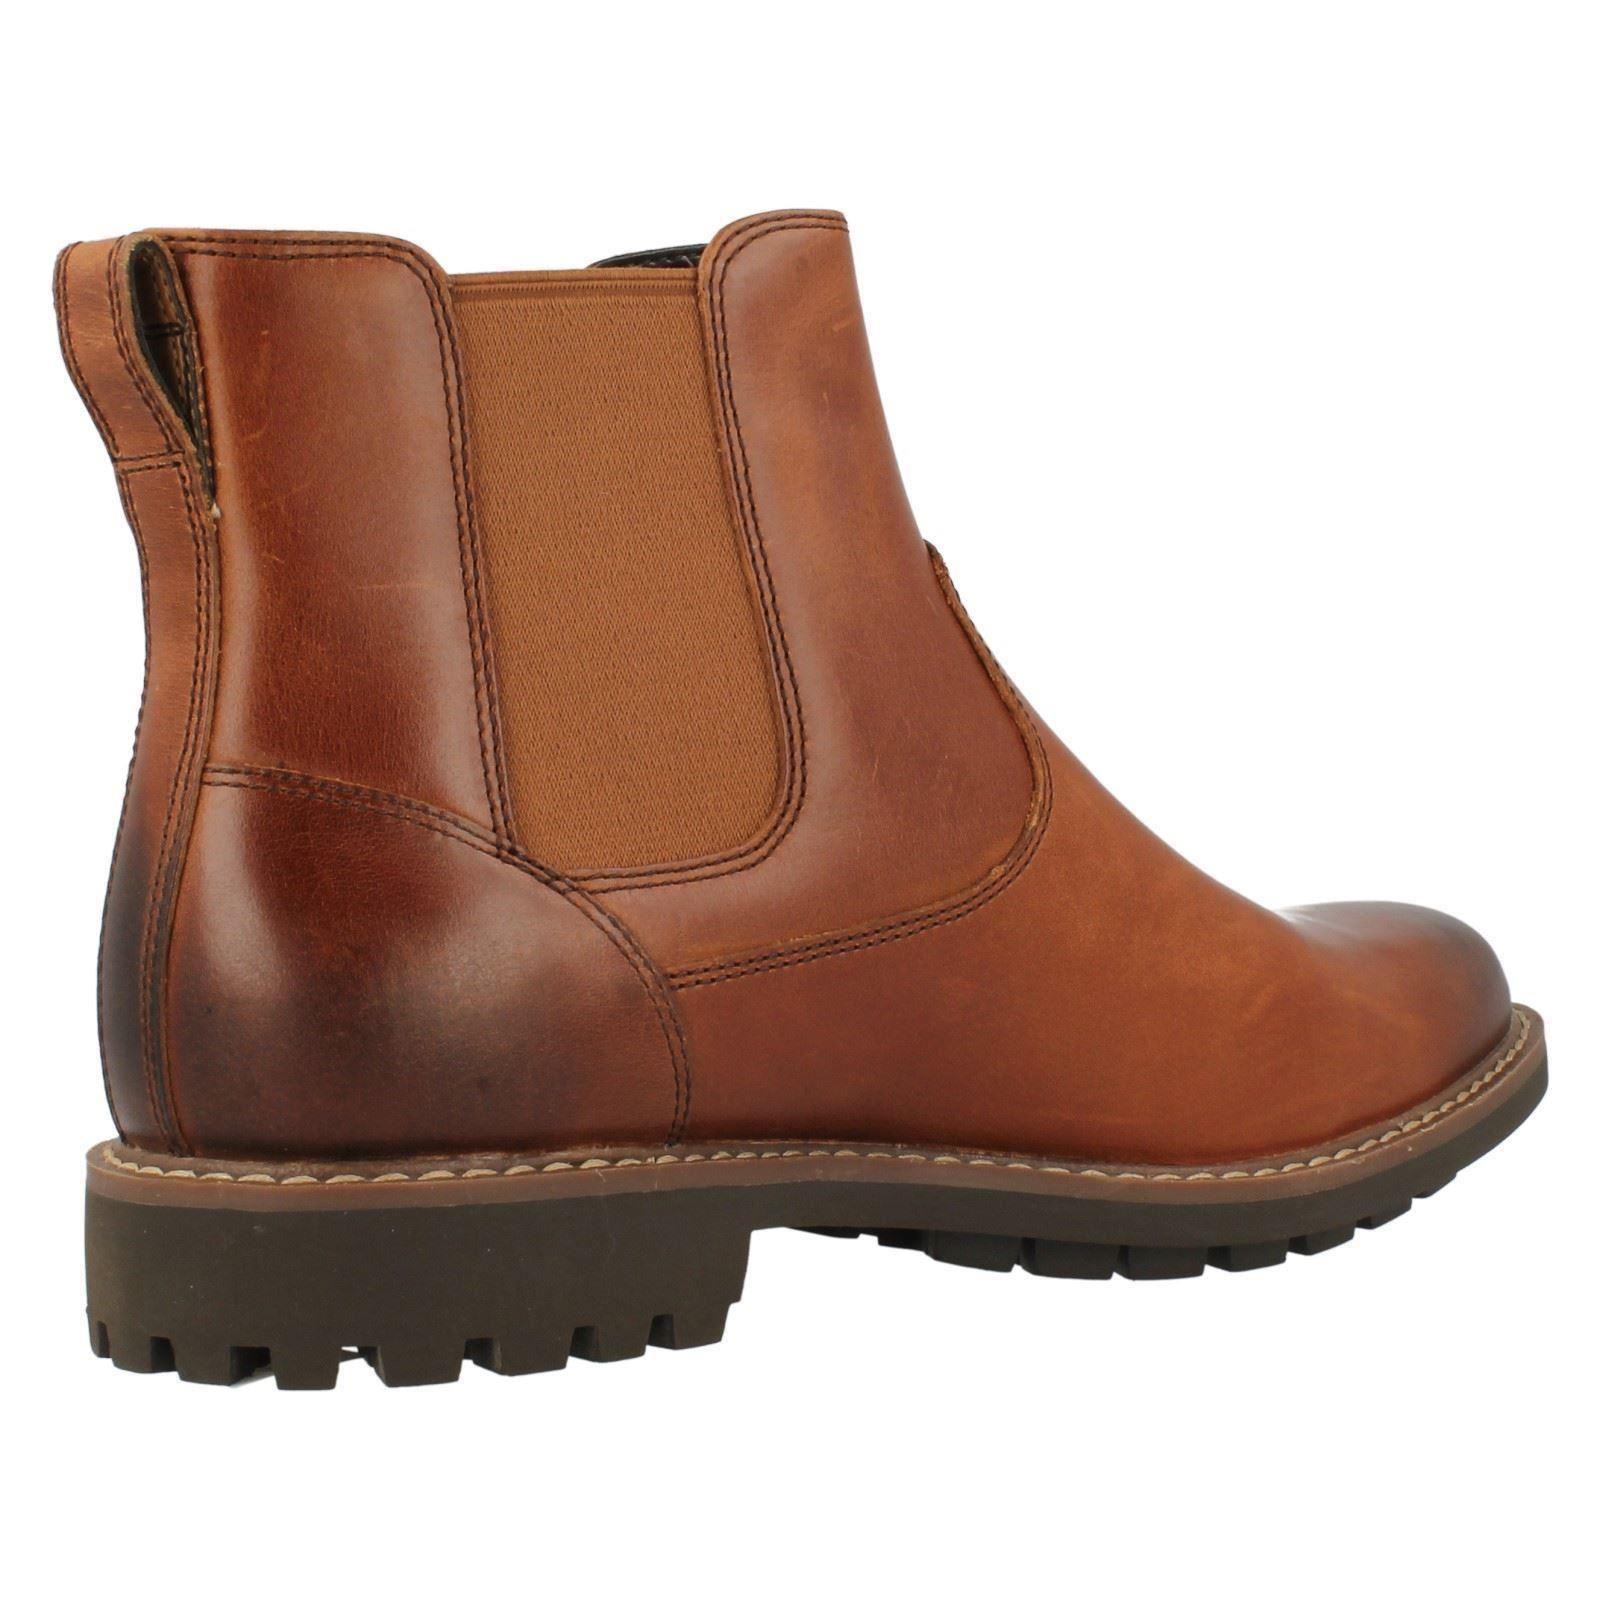 Clarks Chelsea Mens Shoes